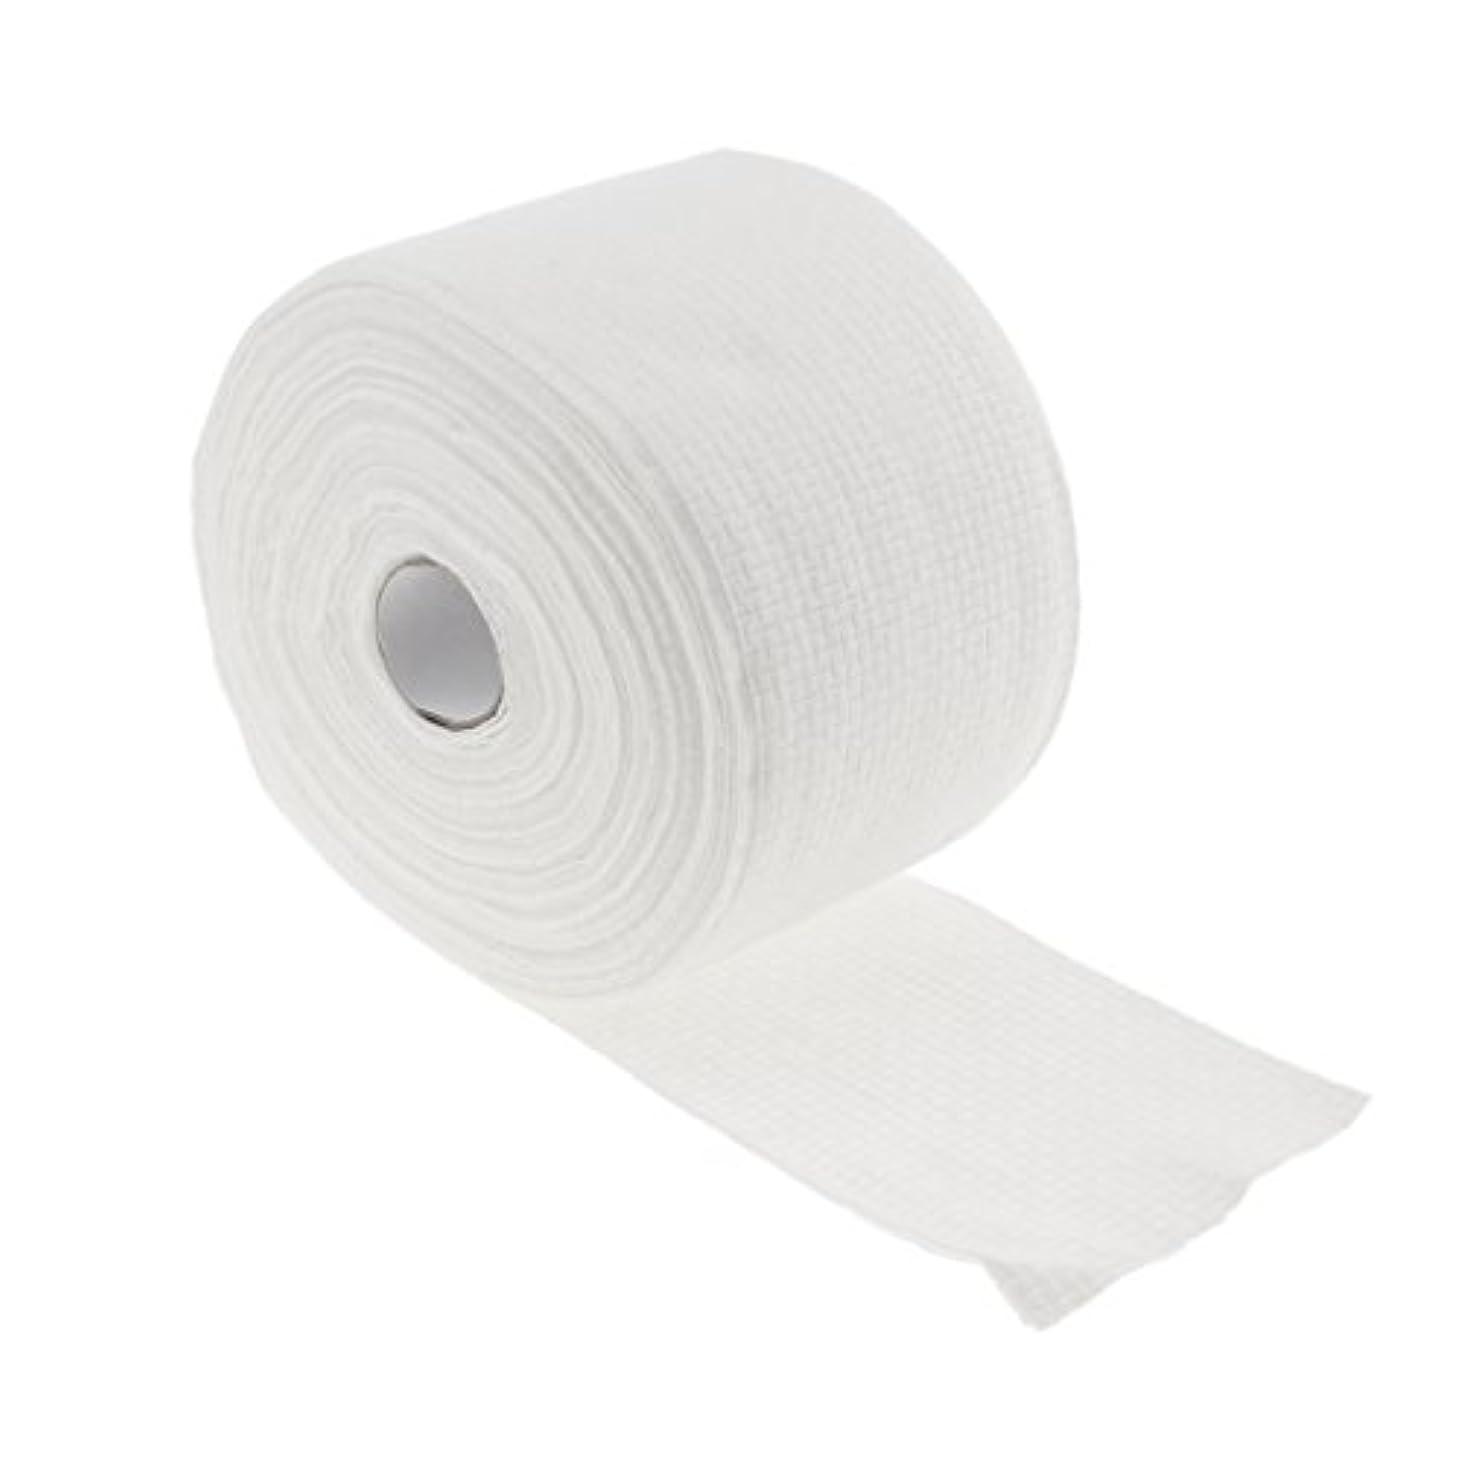 倒産またね暗記するToygogo 1つのロール30メートルの使い捨て可能なタオル繊維の清潔になる顔のワイプの構造の除去剤 - #1